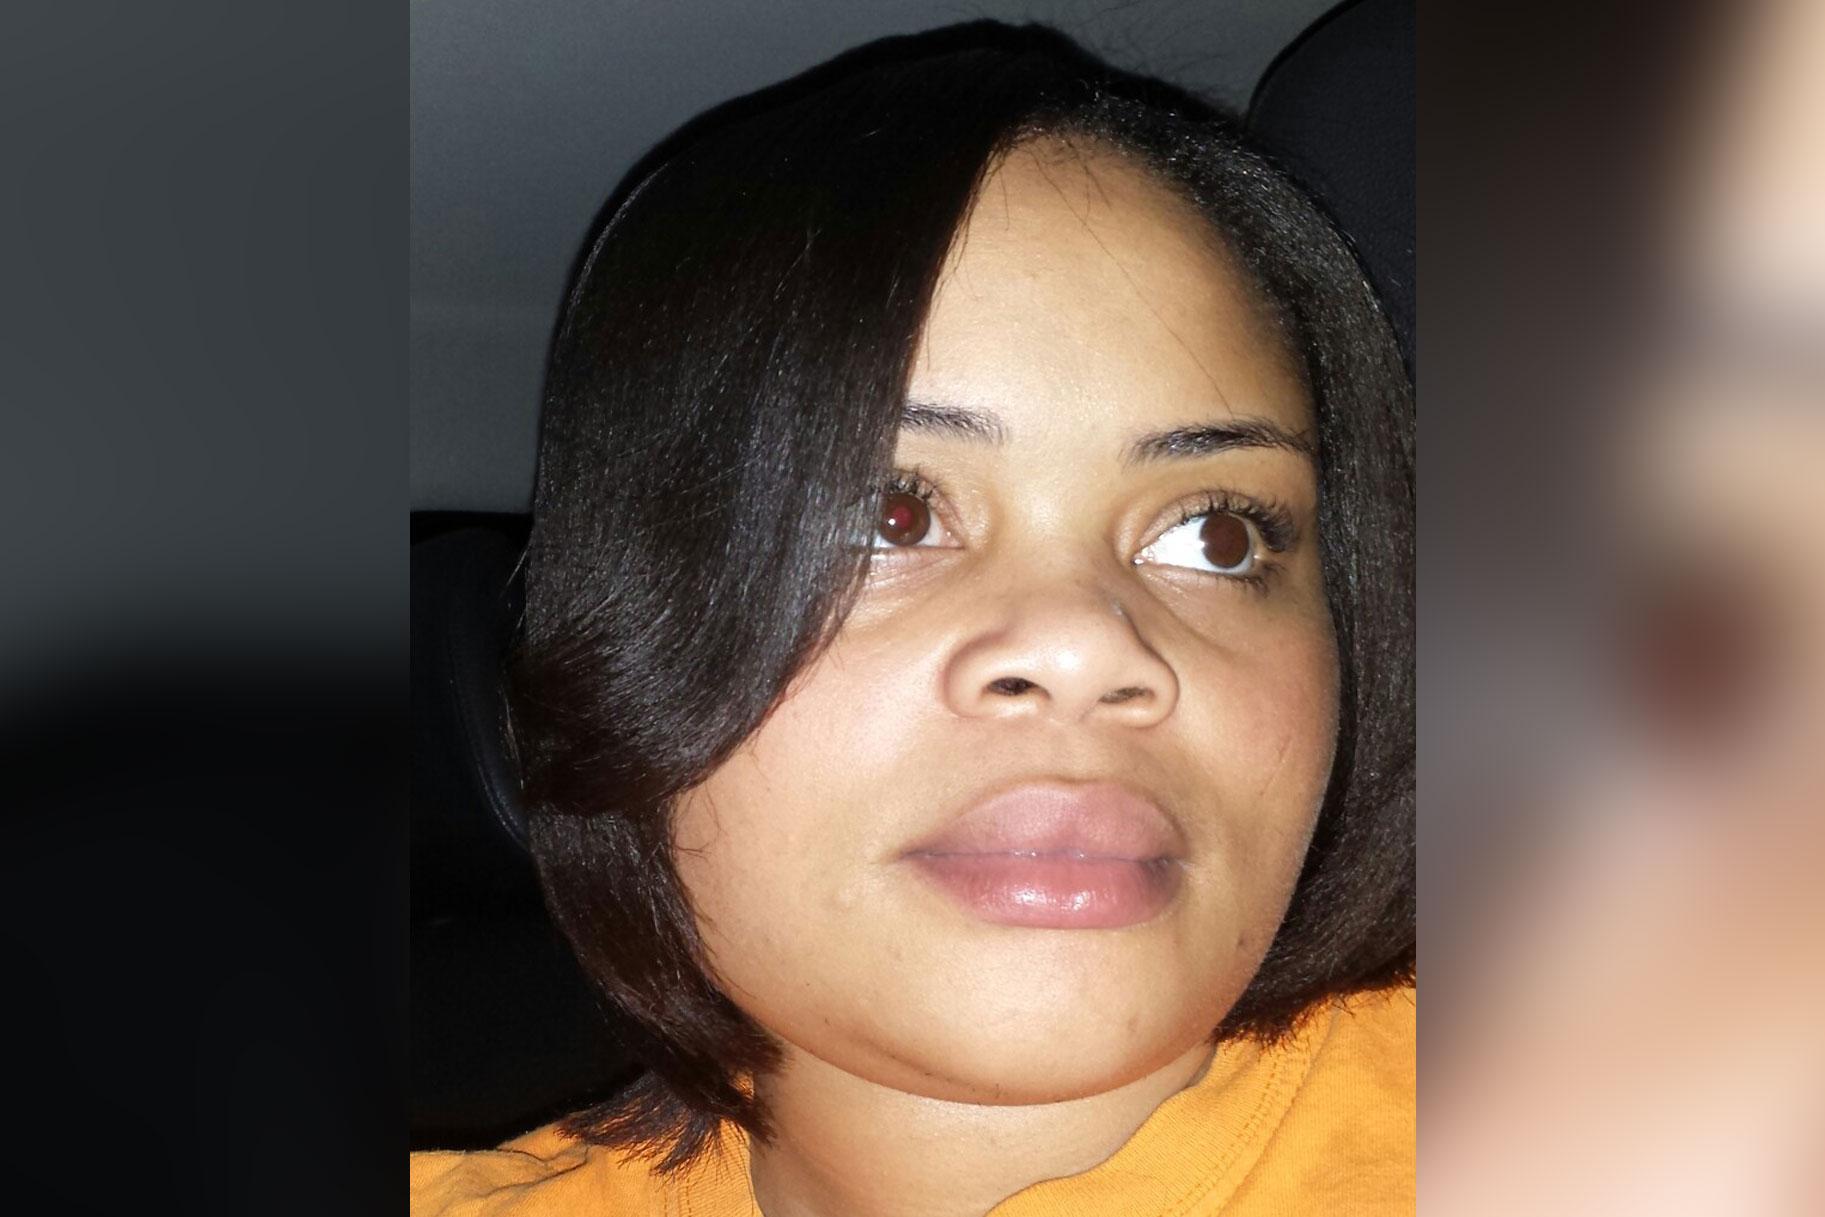 La indignación aumenta cuando la policía mata a tiros a una estudiante negra mientras jugaba con su sobrino en su propia casa